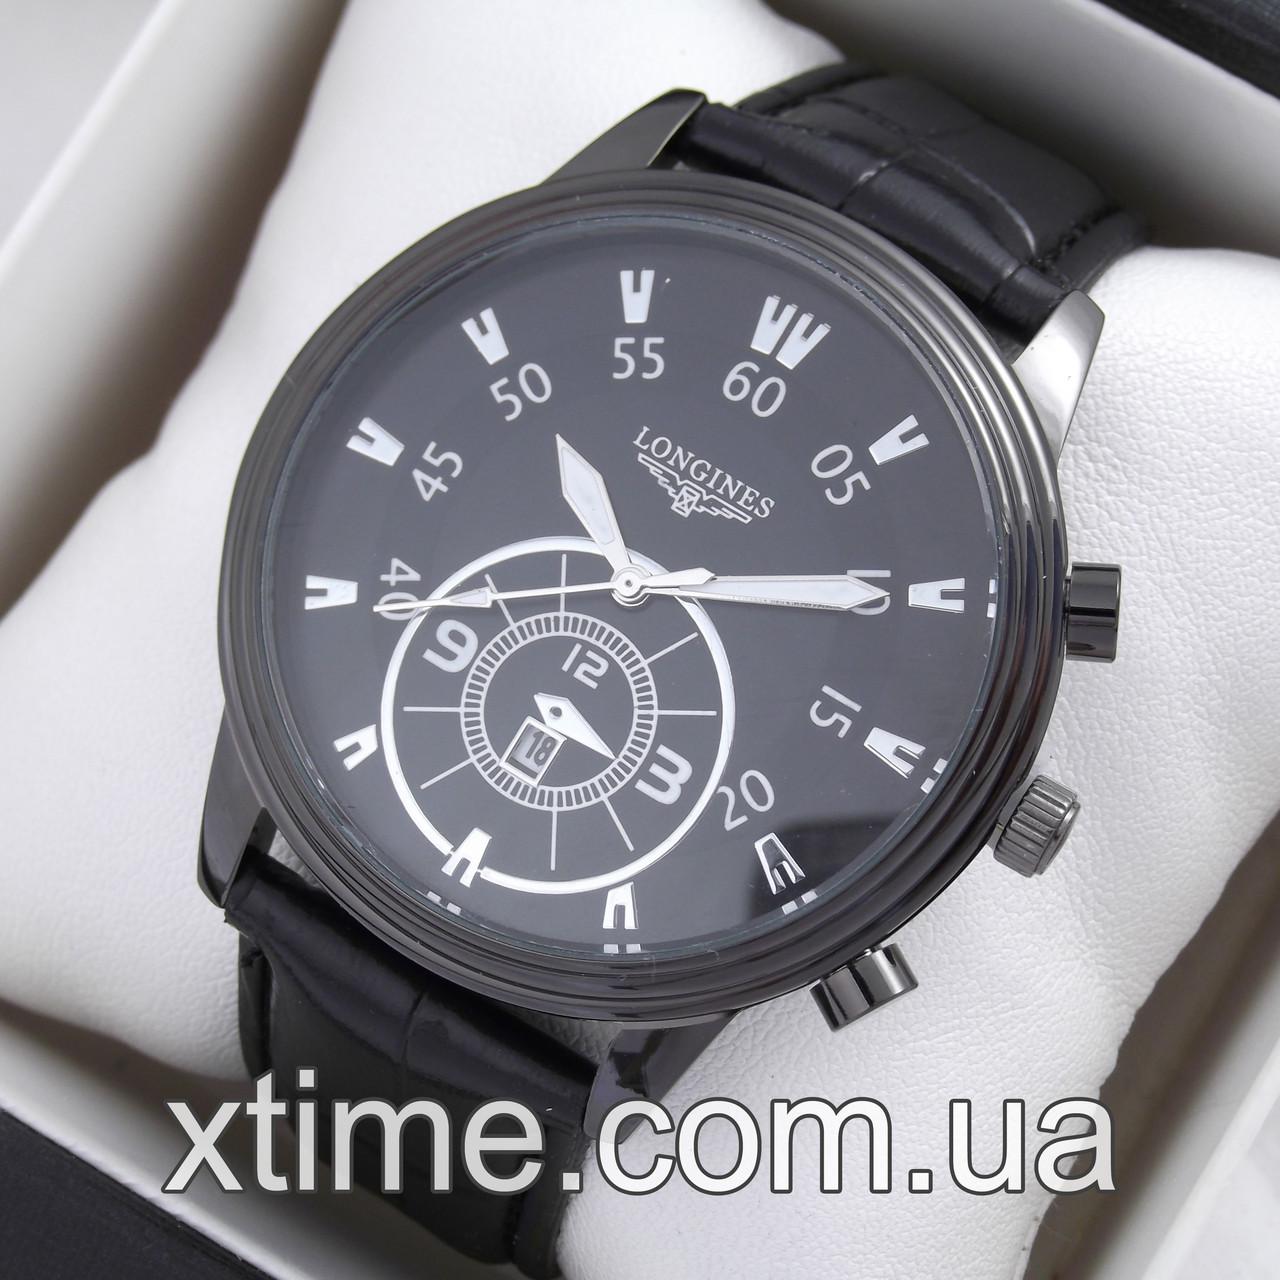 Наручные часы мужские лонгинес часы антикварные мужские купить в